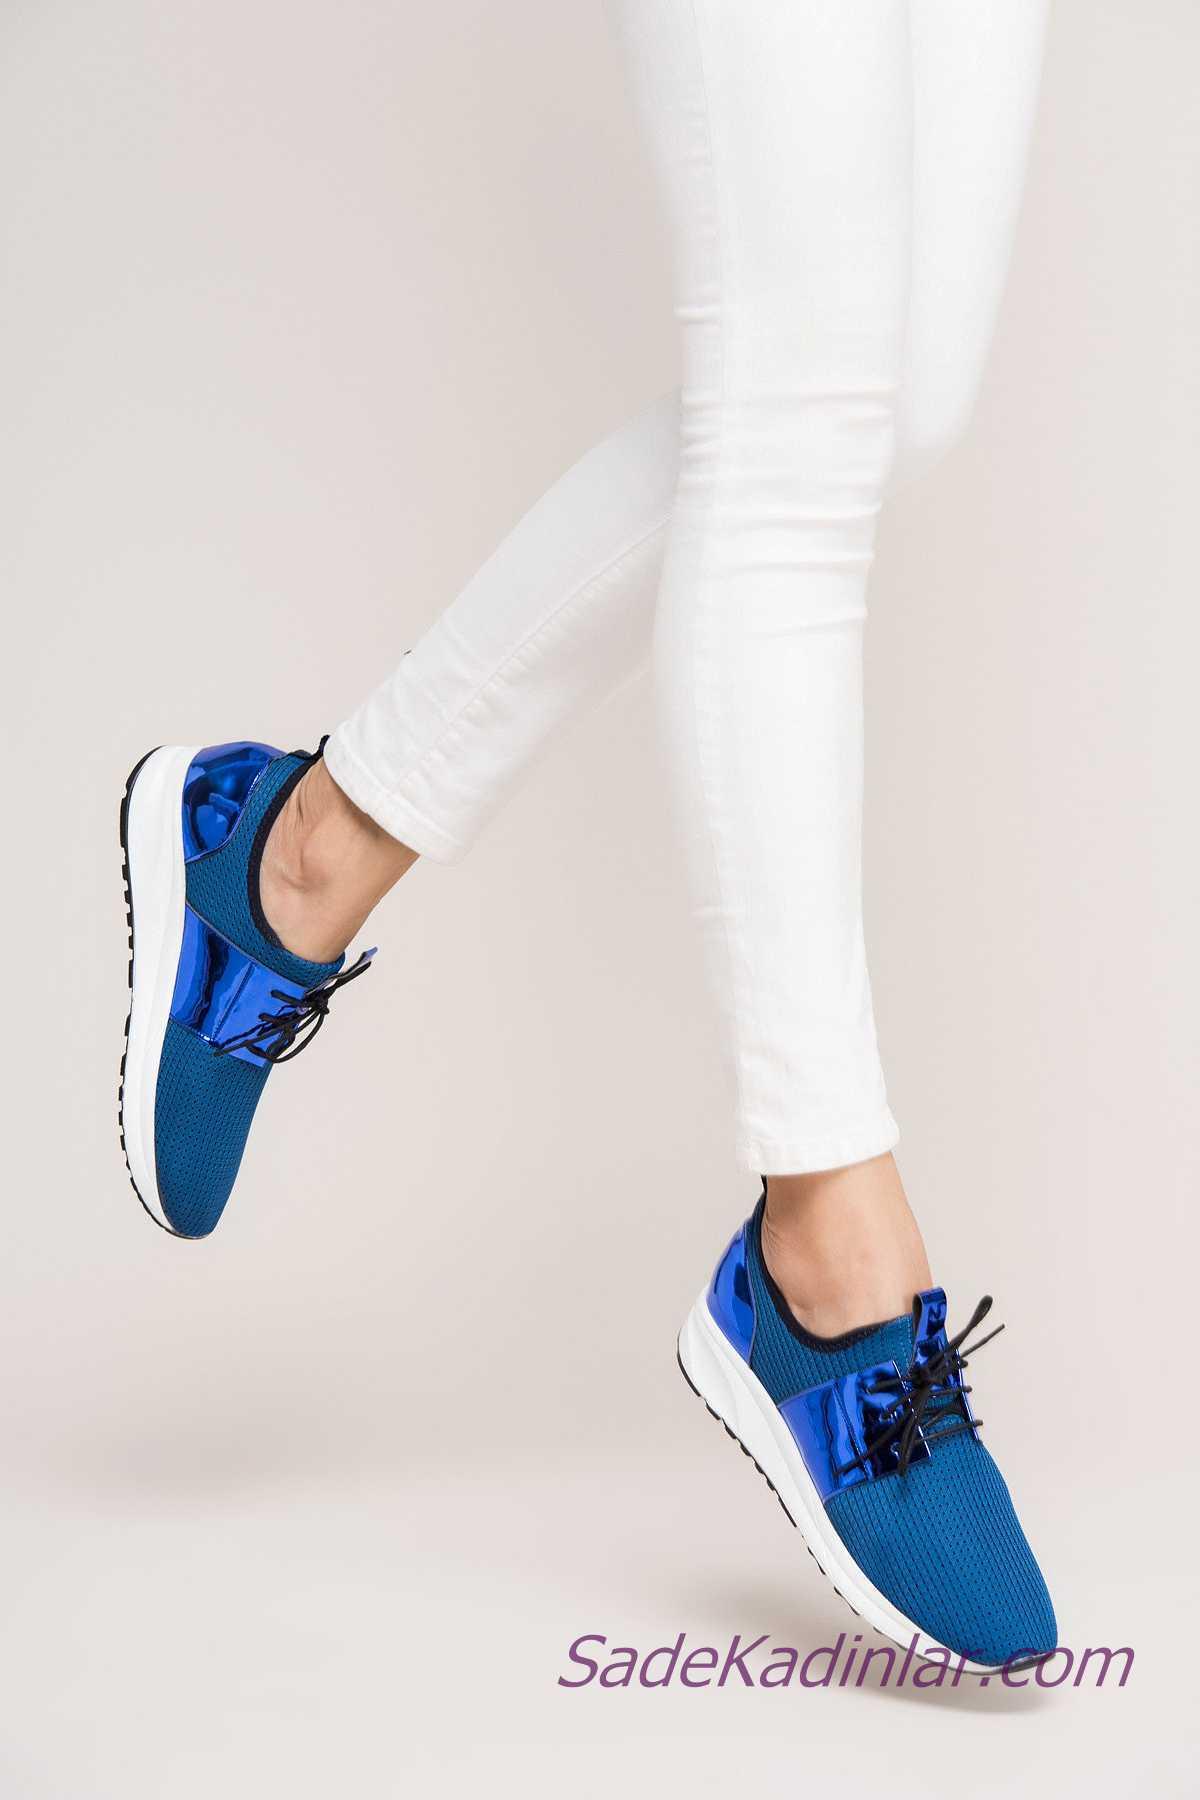 Sneakers Bayan Spor Ayakkabı Modelleri Saks Mavi Parlak Bantlı Bağcıklı